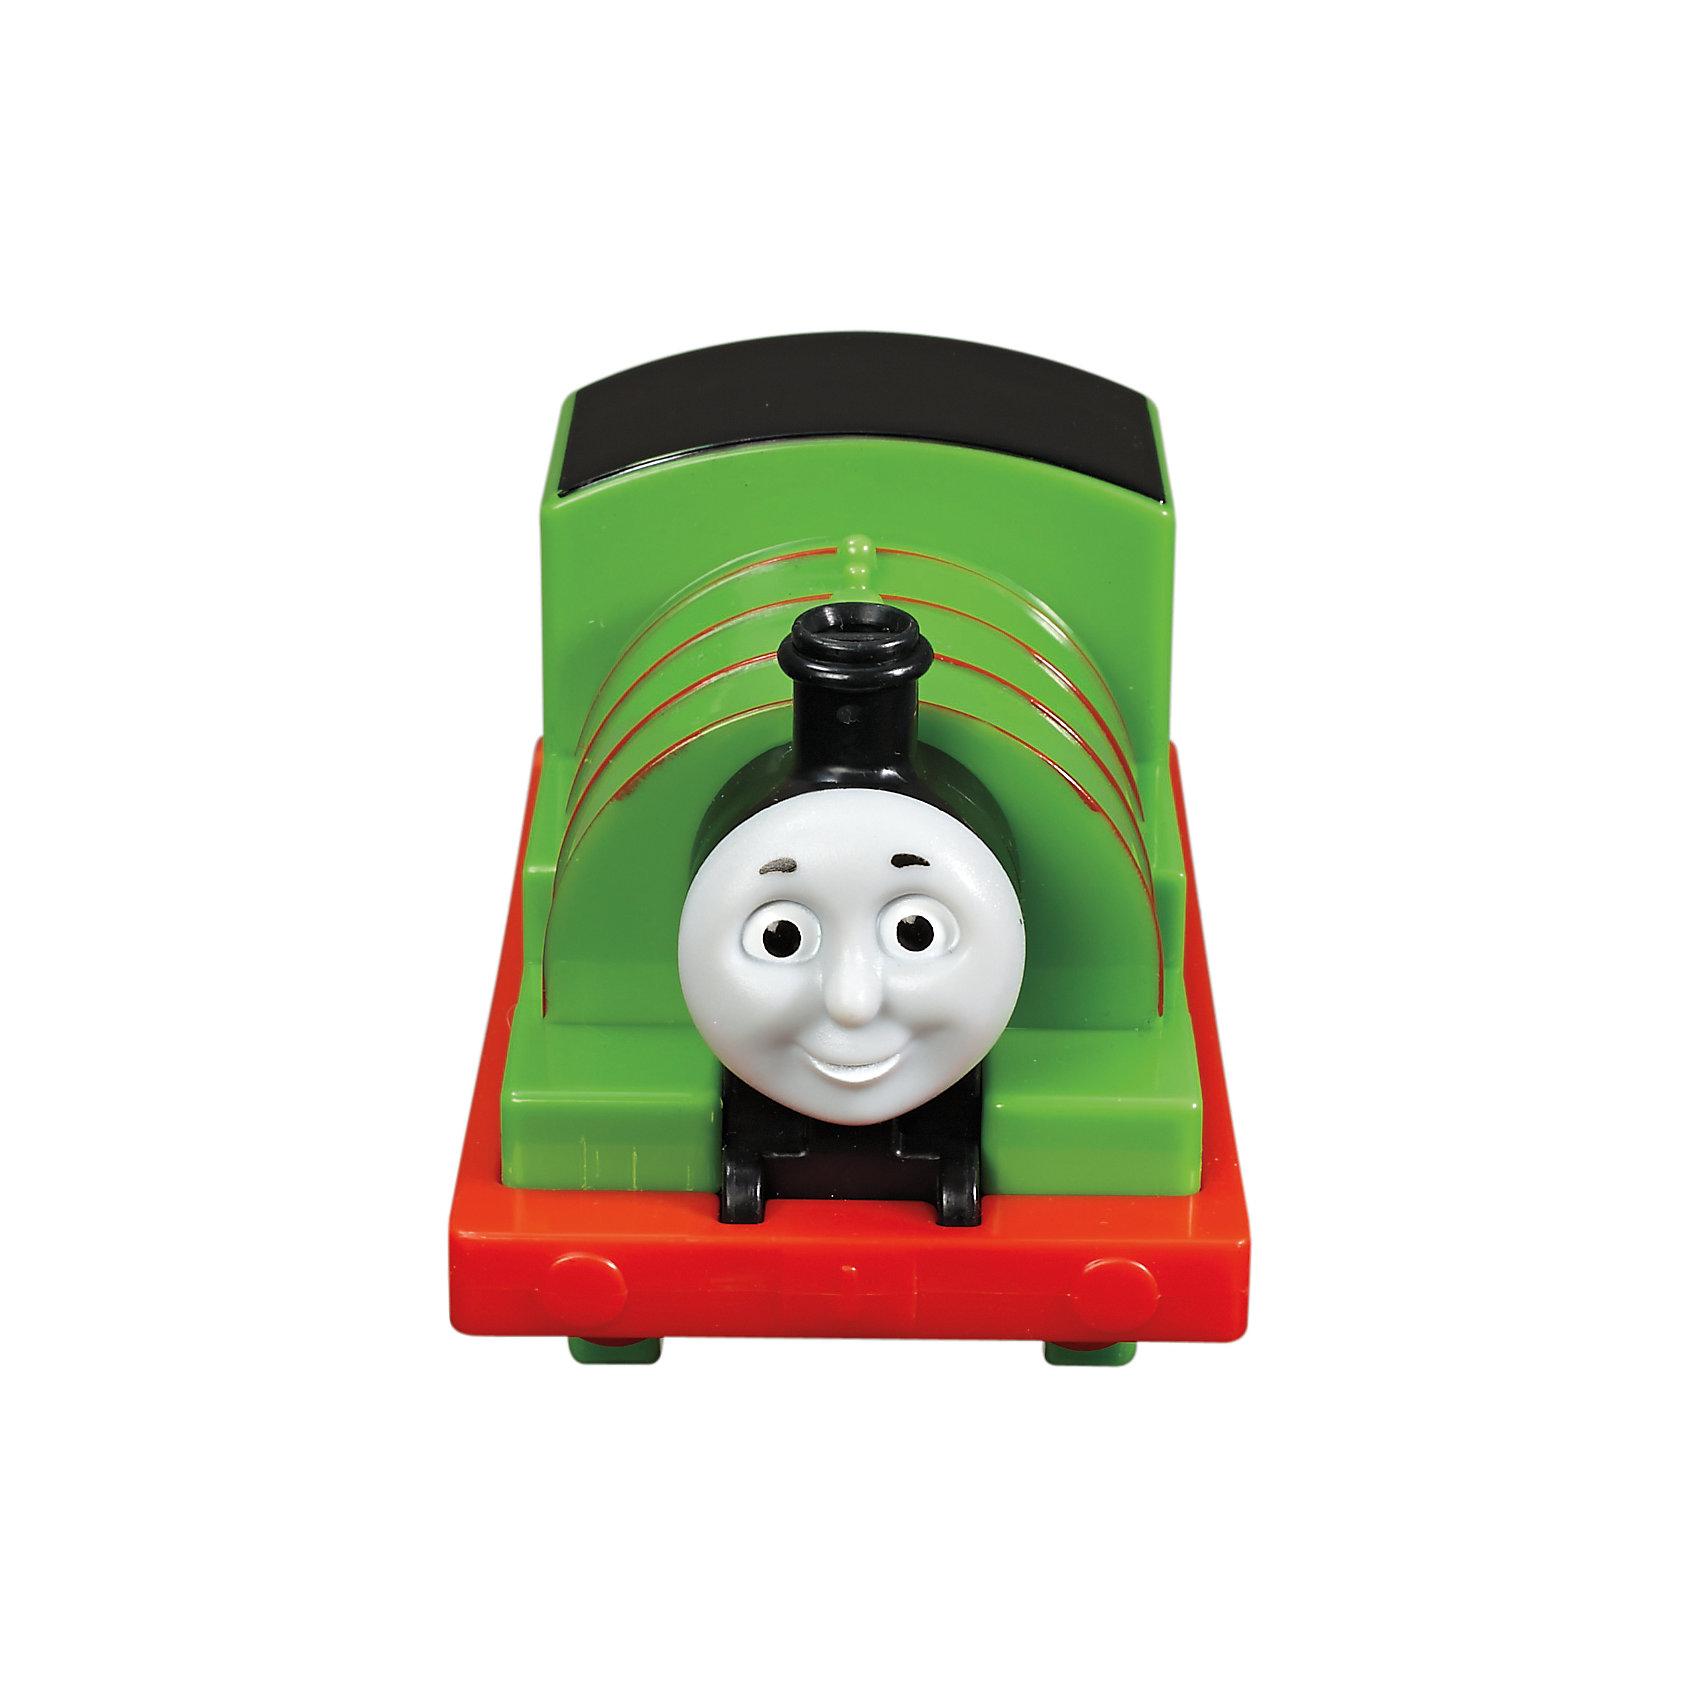 Веселые друзья-паровозики, Томас и его друзьяВеселые друзья-паровозики, Томас и его друзья – это паровозик привлечет внимание вашего малыша и не позволит ему скучать.<br>Маленький, свободно перемещающийся паровозик Перси выполнен из пластика в виде персонажа популярного мультсериала Томас и его друзья. Перси зелёный паровозик с номером 6. Он невероятно невезучий, но, несмотря, на это, он всегда старается сделать все возможное и учиться на своих ошибках. Паровозик можно катать по самым разным поверхностям, т.к. у него гладкие колеса. Маленькие паровозики удобны и идеально подходят даже для самых маленьких! Игрушки можно толкать перед собой, что очень понравиться любому малышу! В продаже имеются пять персонажей серии «Томас и его друзья»: Томас, Гарольд, Дизель, Гордон и Джеймс.<br><br>Дополнительная информация:<br><br>- Размер паровозика: 6,3 x 5,7 x 9,3 см.<br>- Материал: пластик<br><br>Паровозик Перси серии Веселые друзья-паровозики, Томас и его друзья можно купить в нашем интернет-магазине.<br><br>Ширина мм: 310<br>Глубина мм: 305<br>Высота мм: 100<br>Вес г: 106<br>Возраст от месяцев: 18<br>Возраст до месяцев: 36<br>Пол: Мужской<br>Возраст: Детский<br>SKU: 4713583